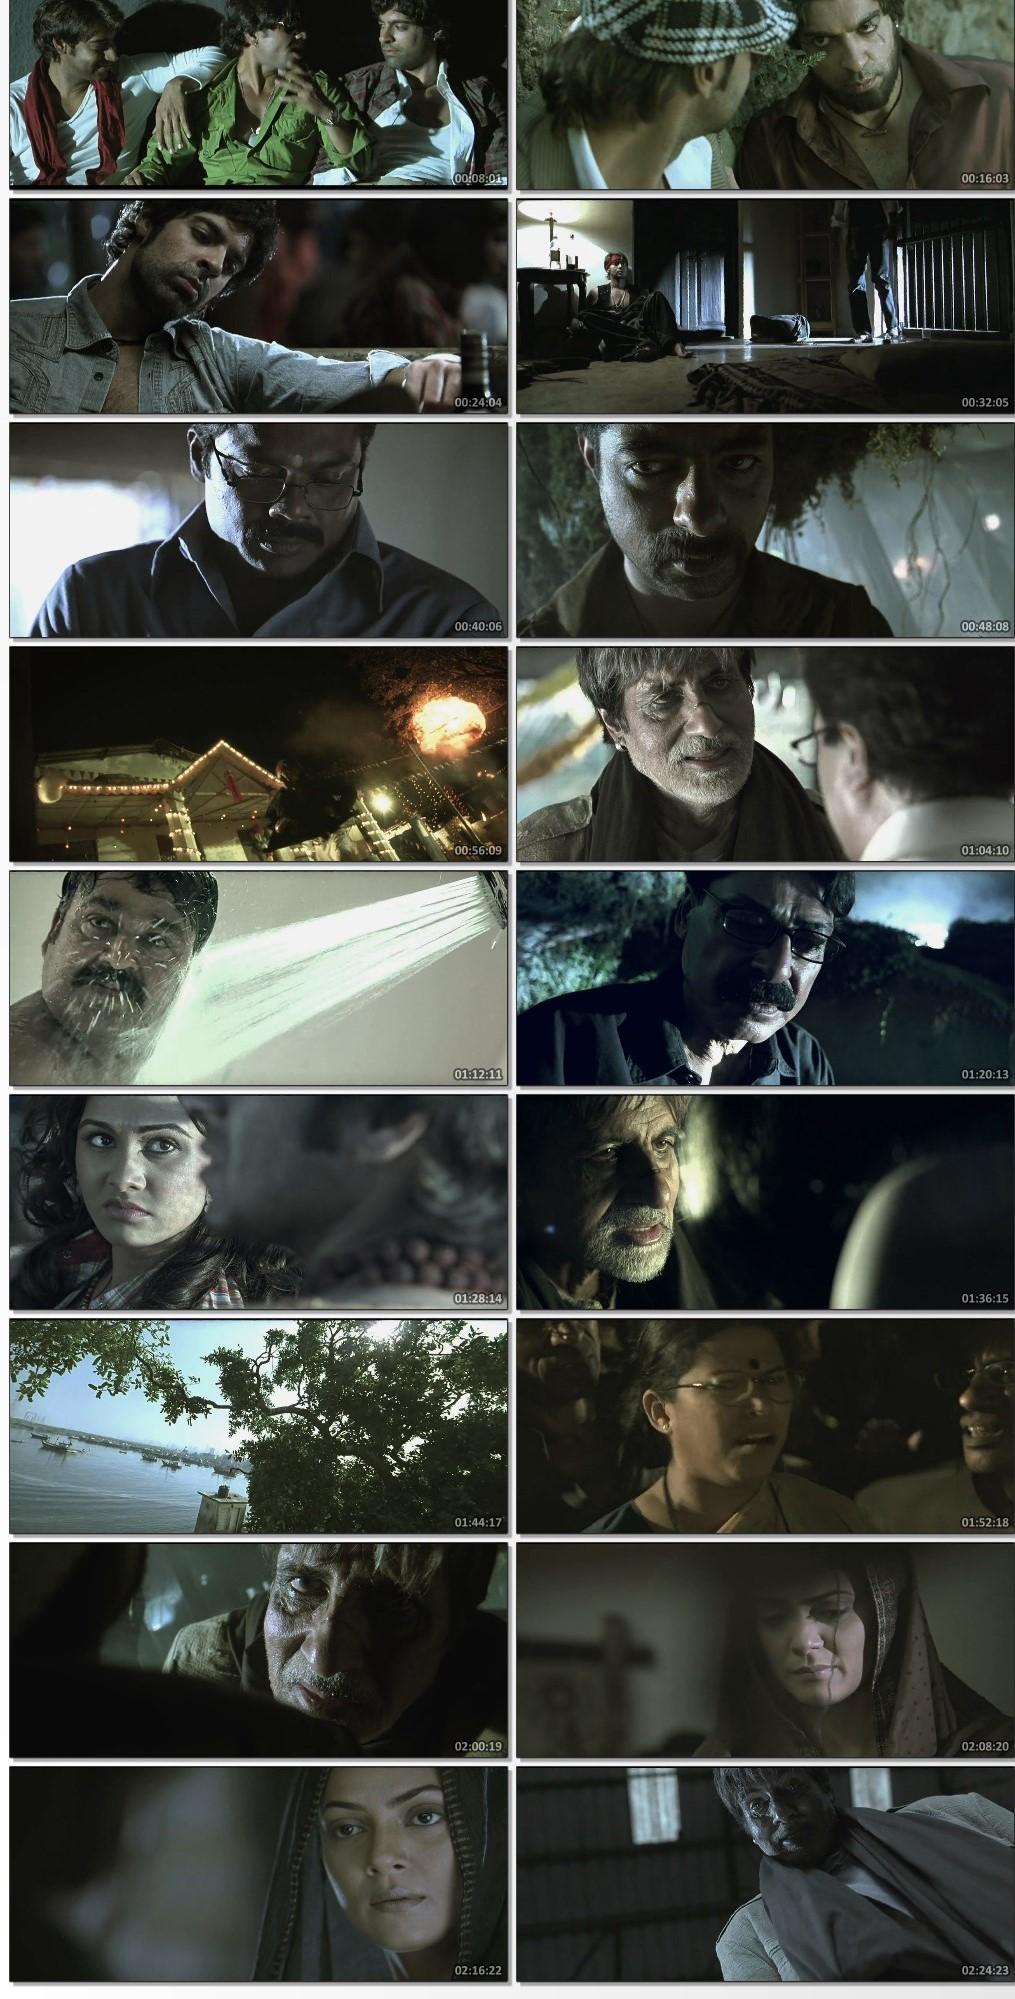 Ram-Gopal-Varma-Ki-Aag-2007-Hindi-www-7-Star-HD-Wales-720p-WEB-DL-x264-1-mkv-thumbsa125dbbf410a80ad